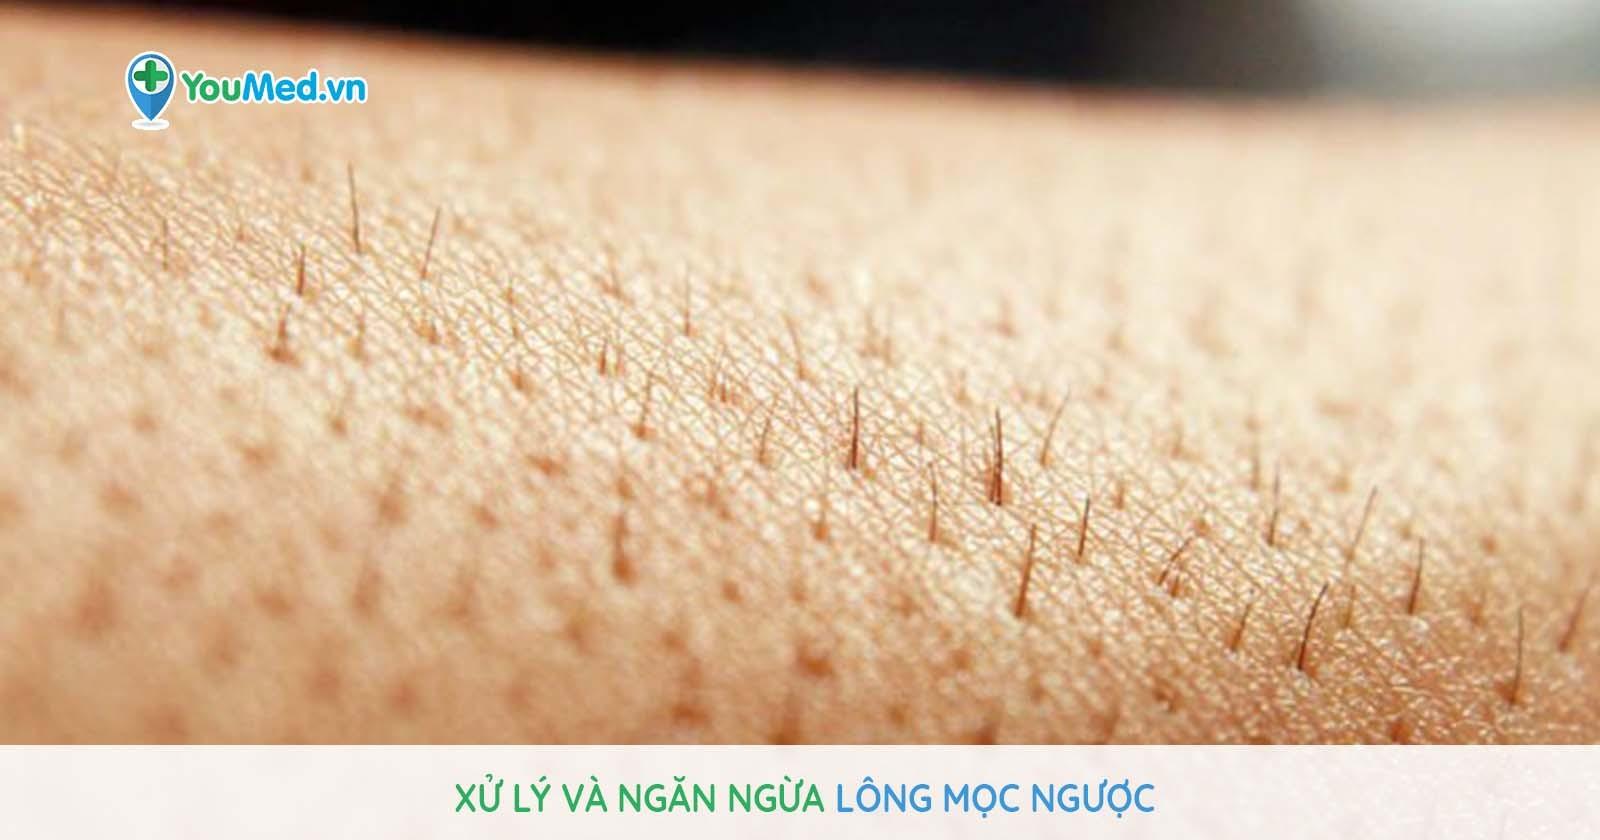 Xử lý và ngăn ngừa bệnh lông mọc ngược thế nào?